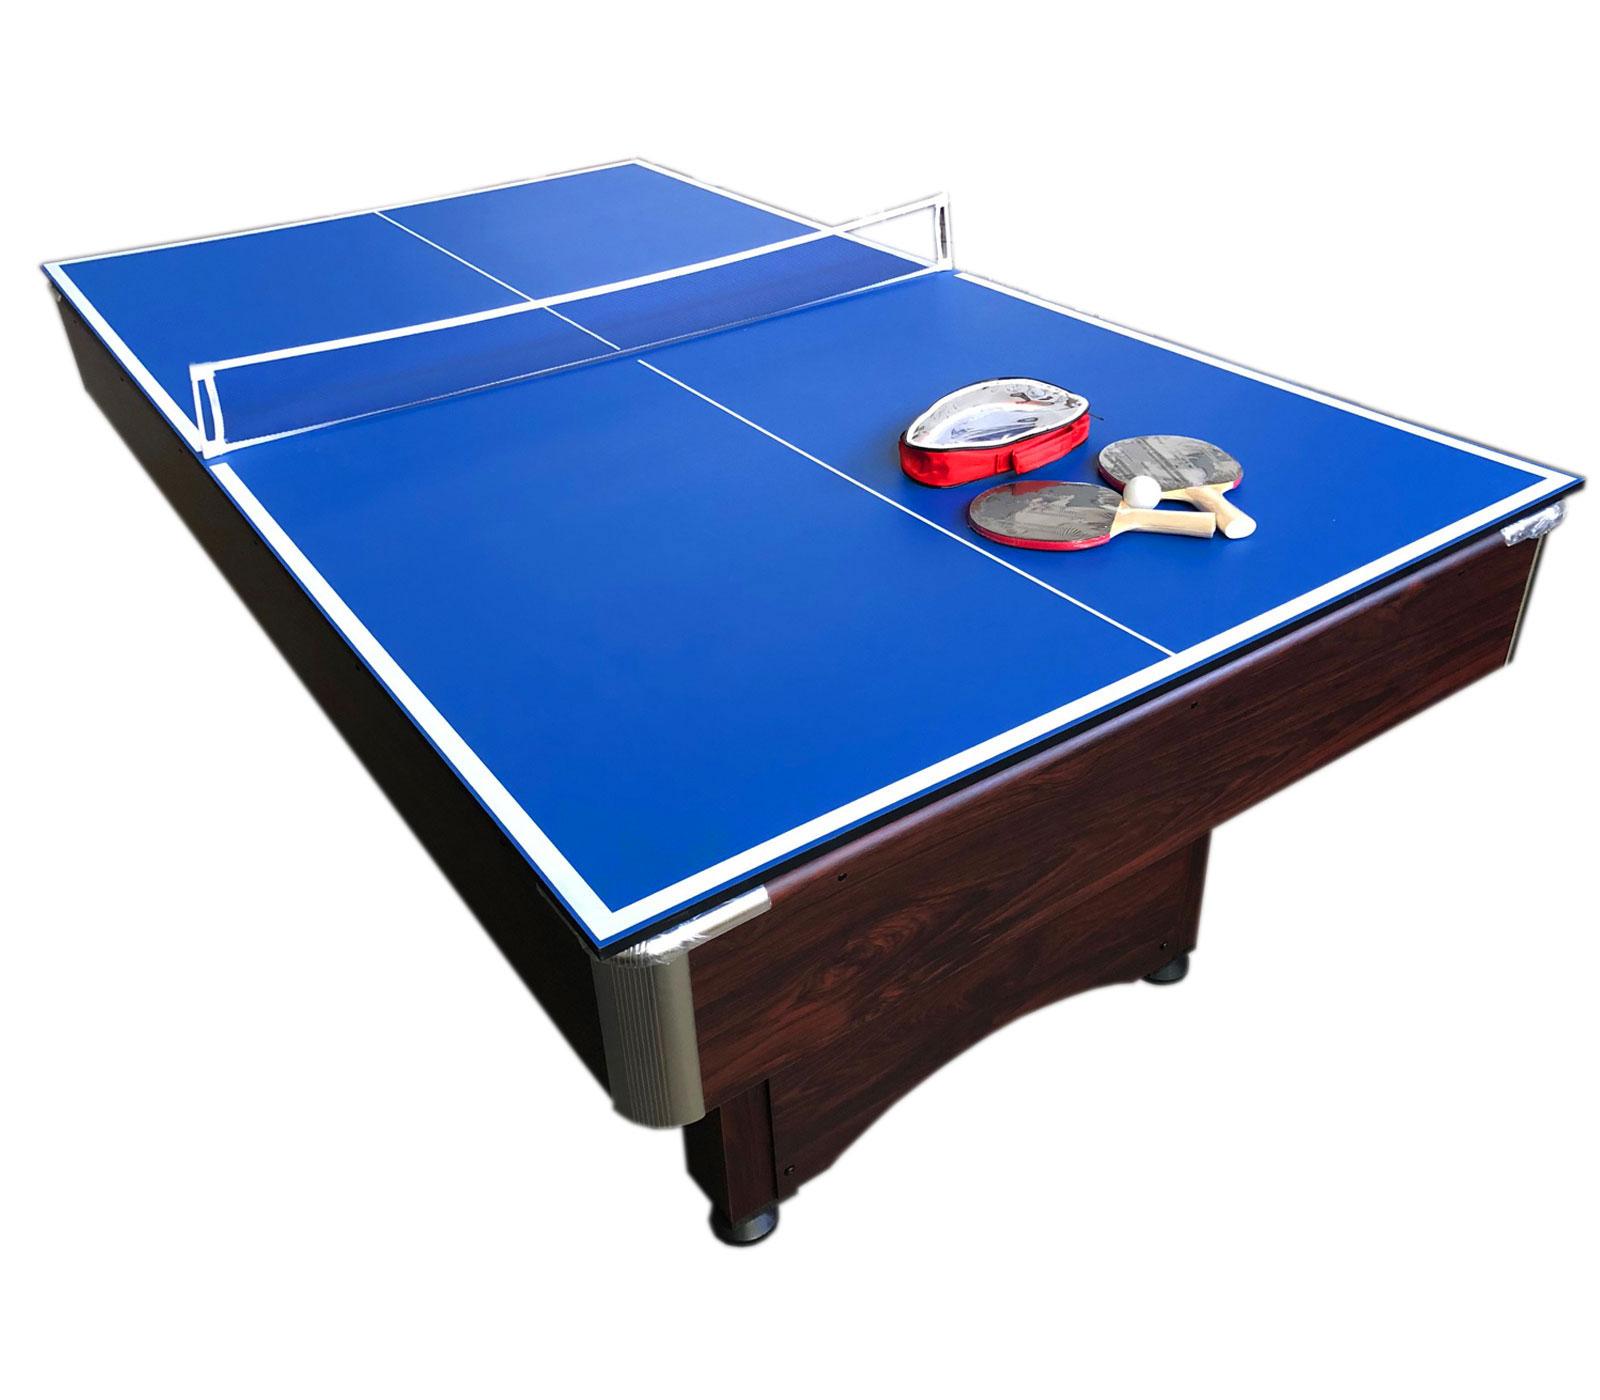 Sirio - 2 En 1 Table De Billards 7 Pieds Et Tennis De Table à Jeux Gratuit Billard